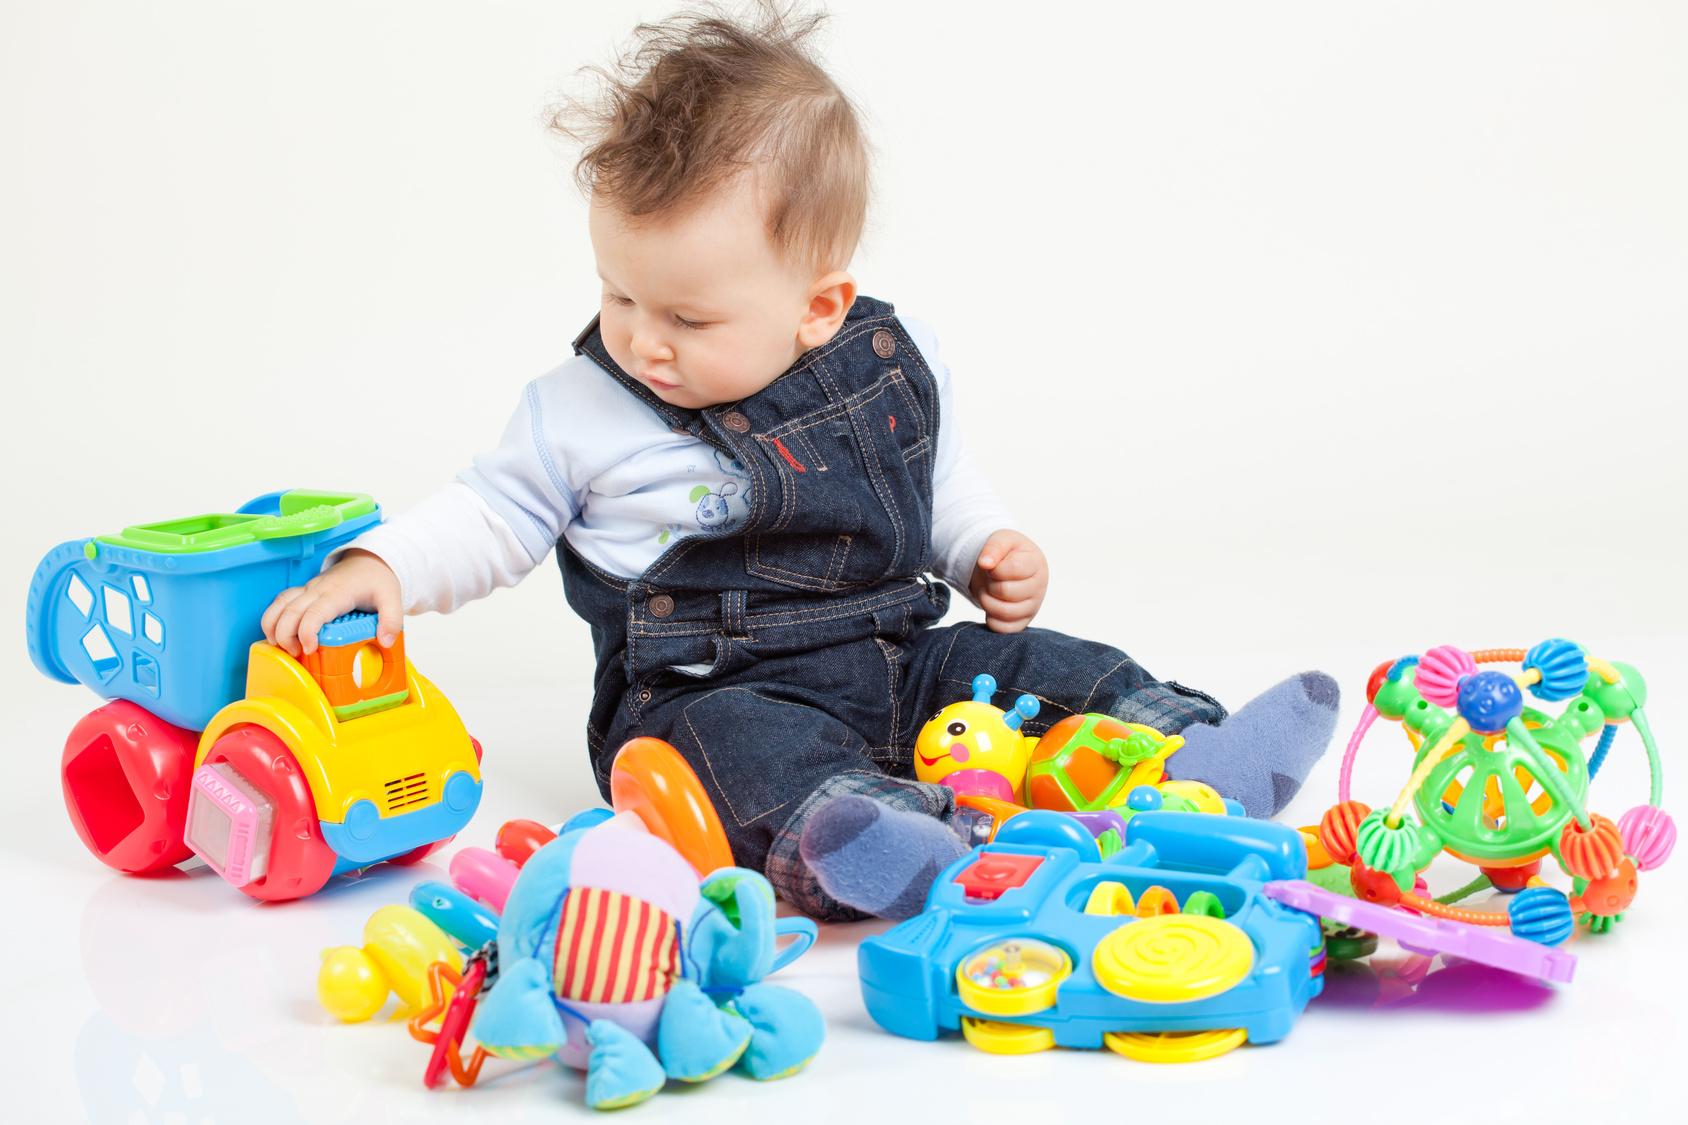 Придумано мамами: 5 мифов о ребенке до года, в которые не стоит верить